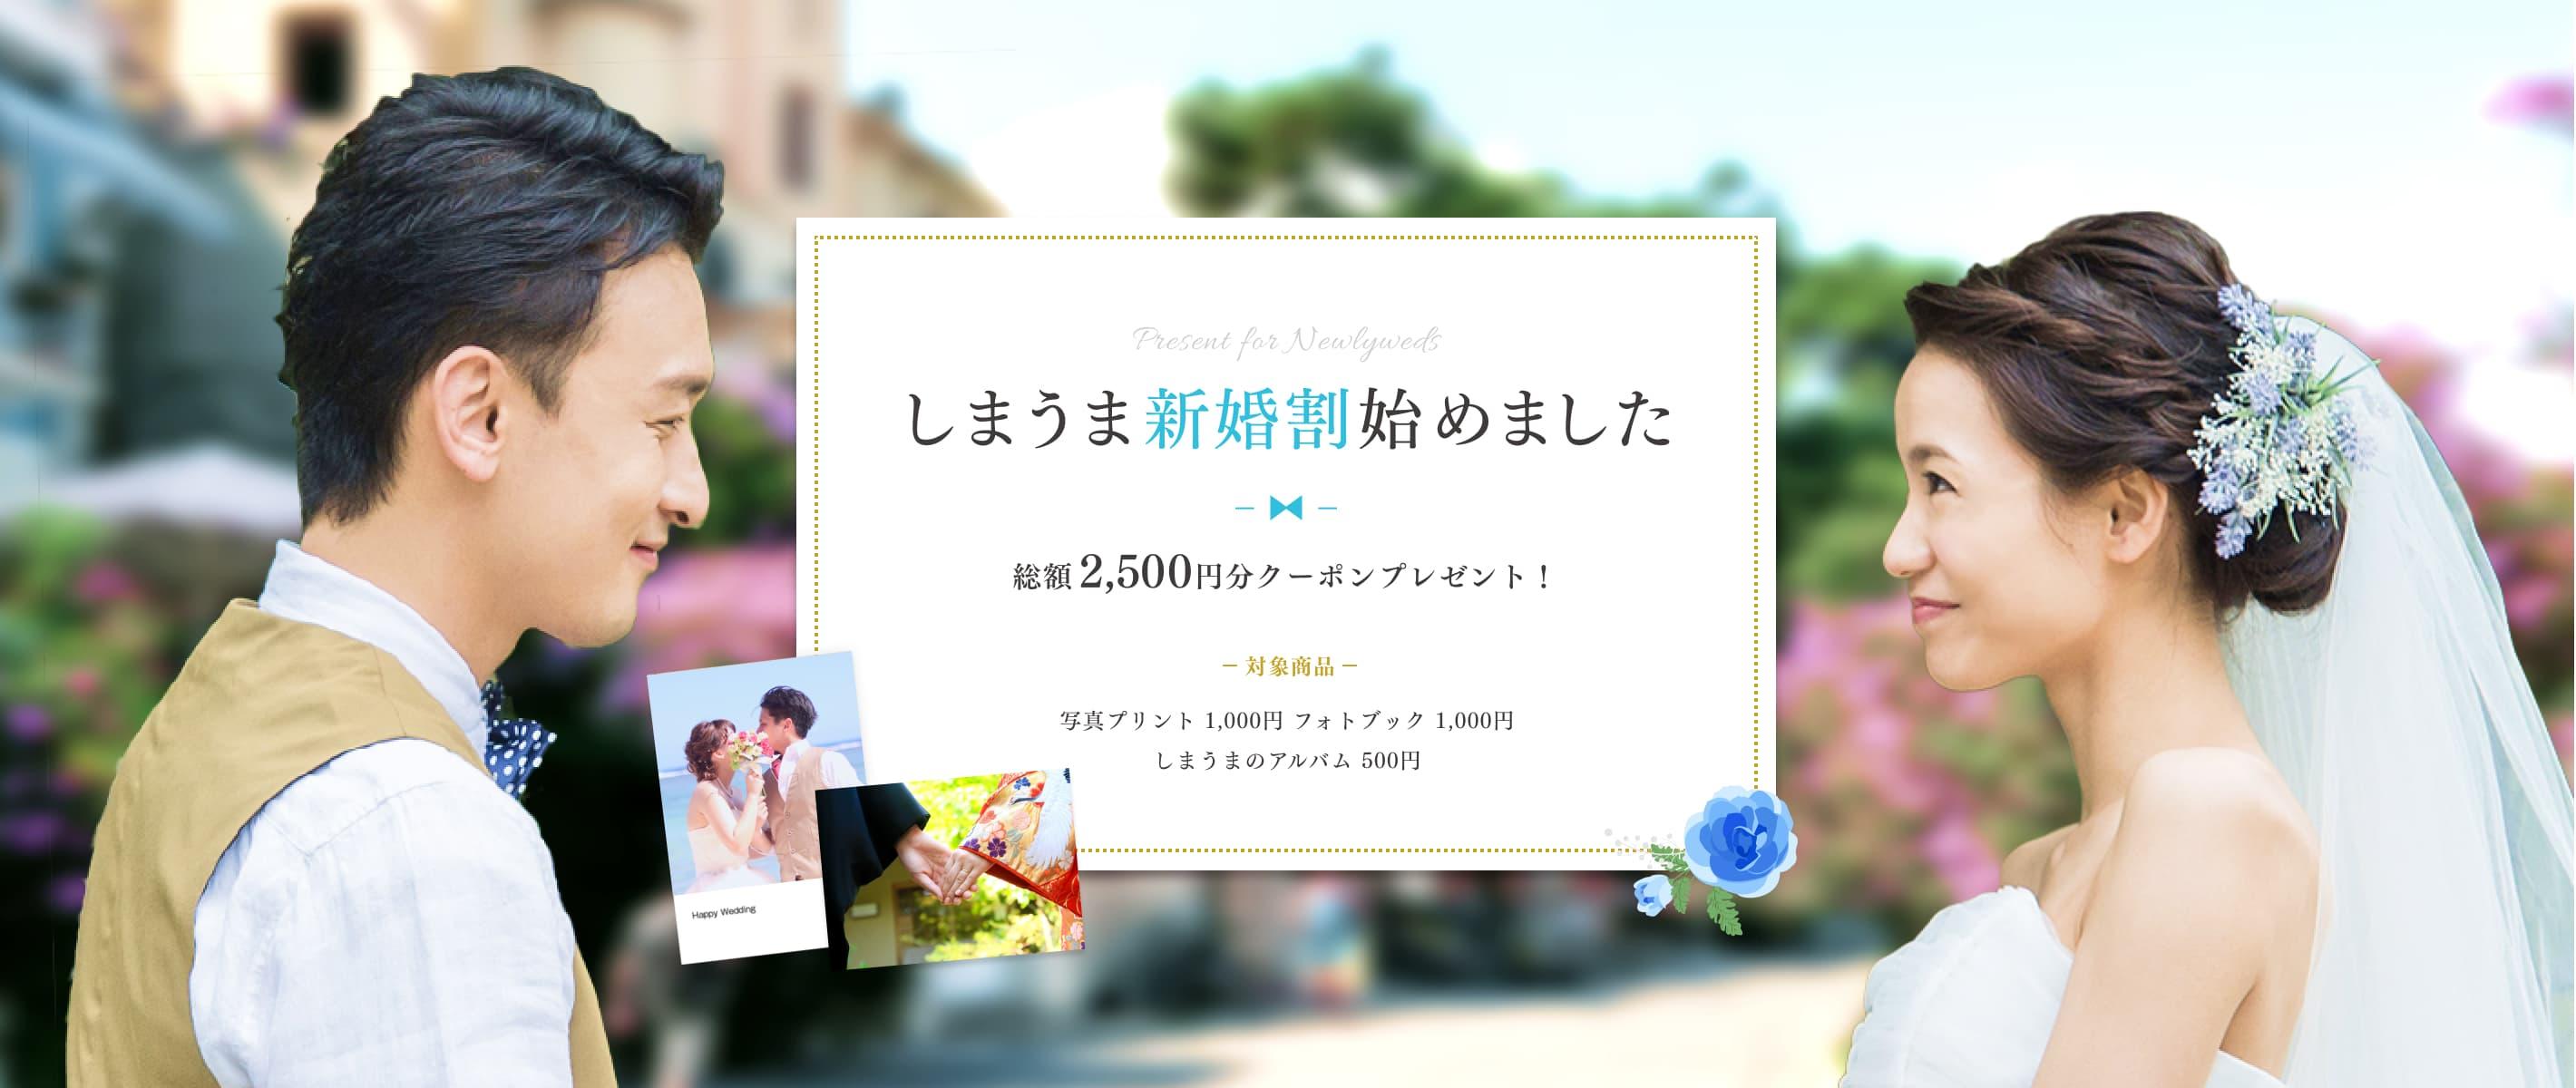 しまうま新婚割はじめました 総額3,500円分ポイントをプレゼント